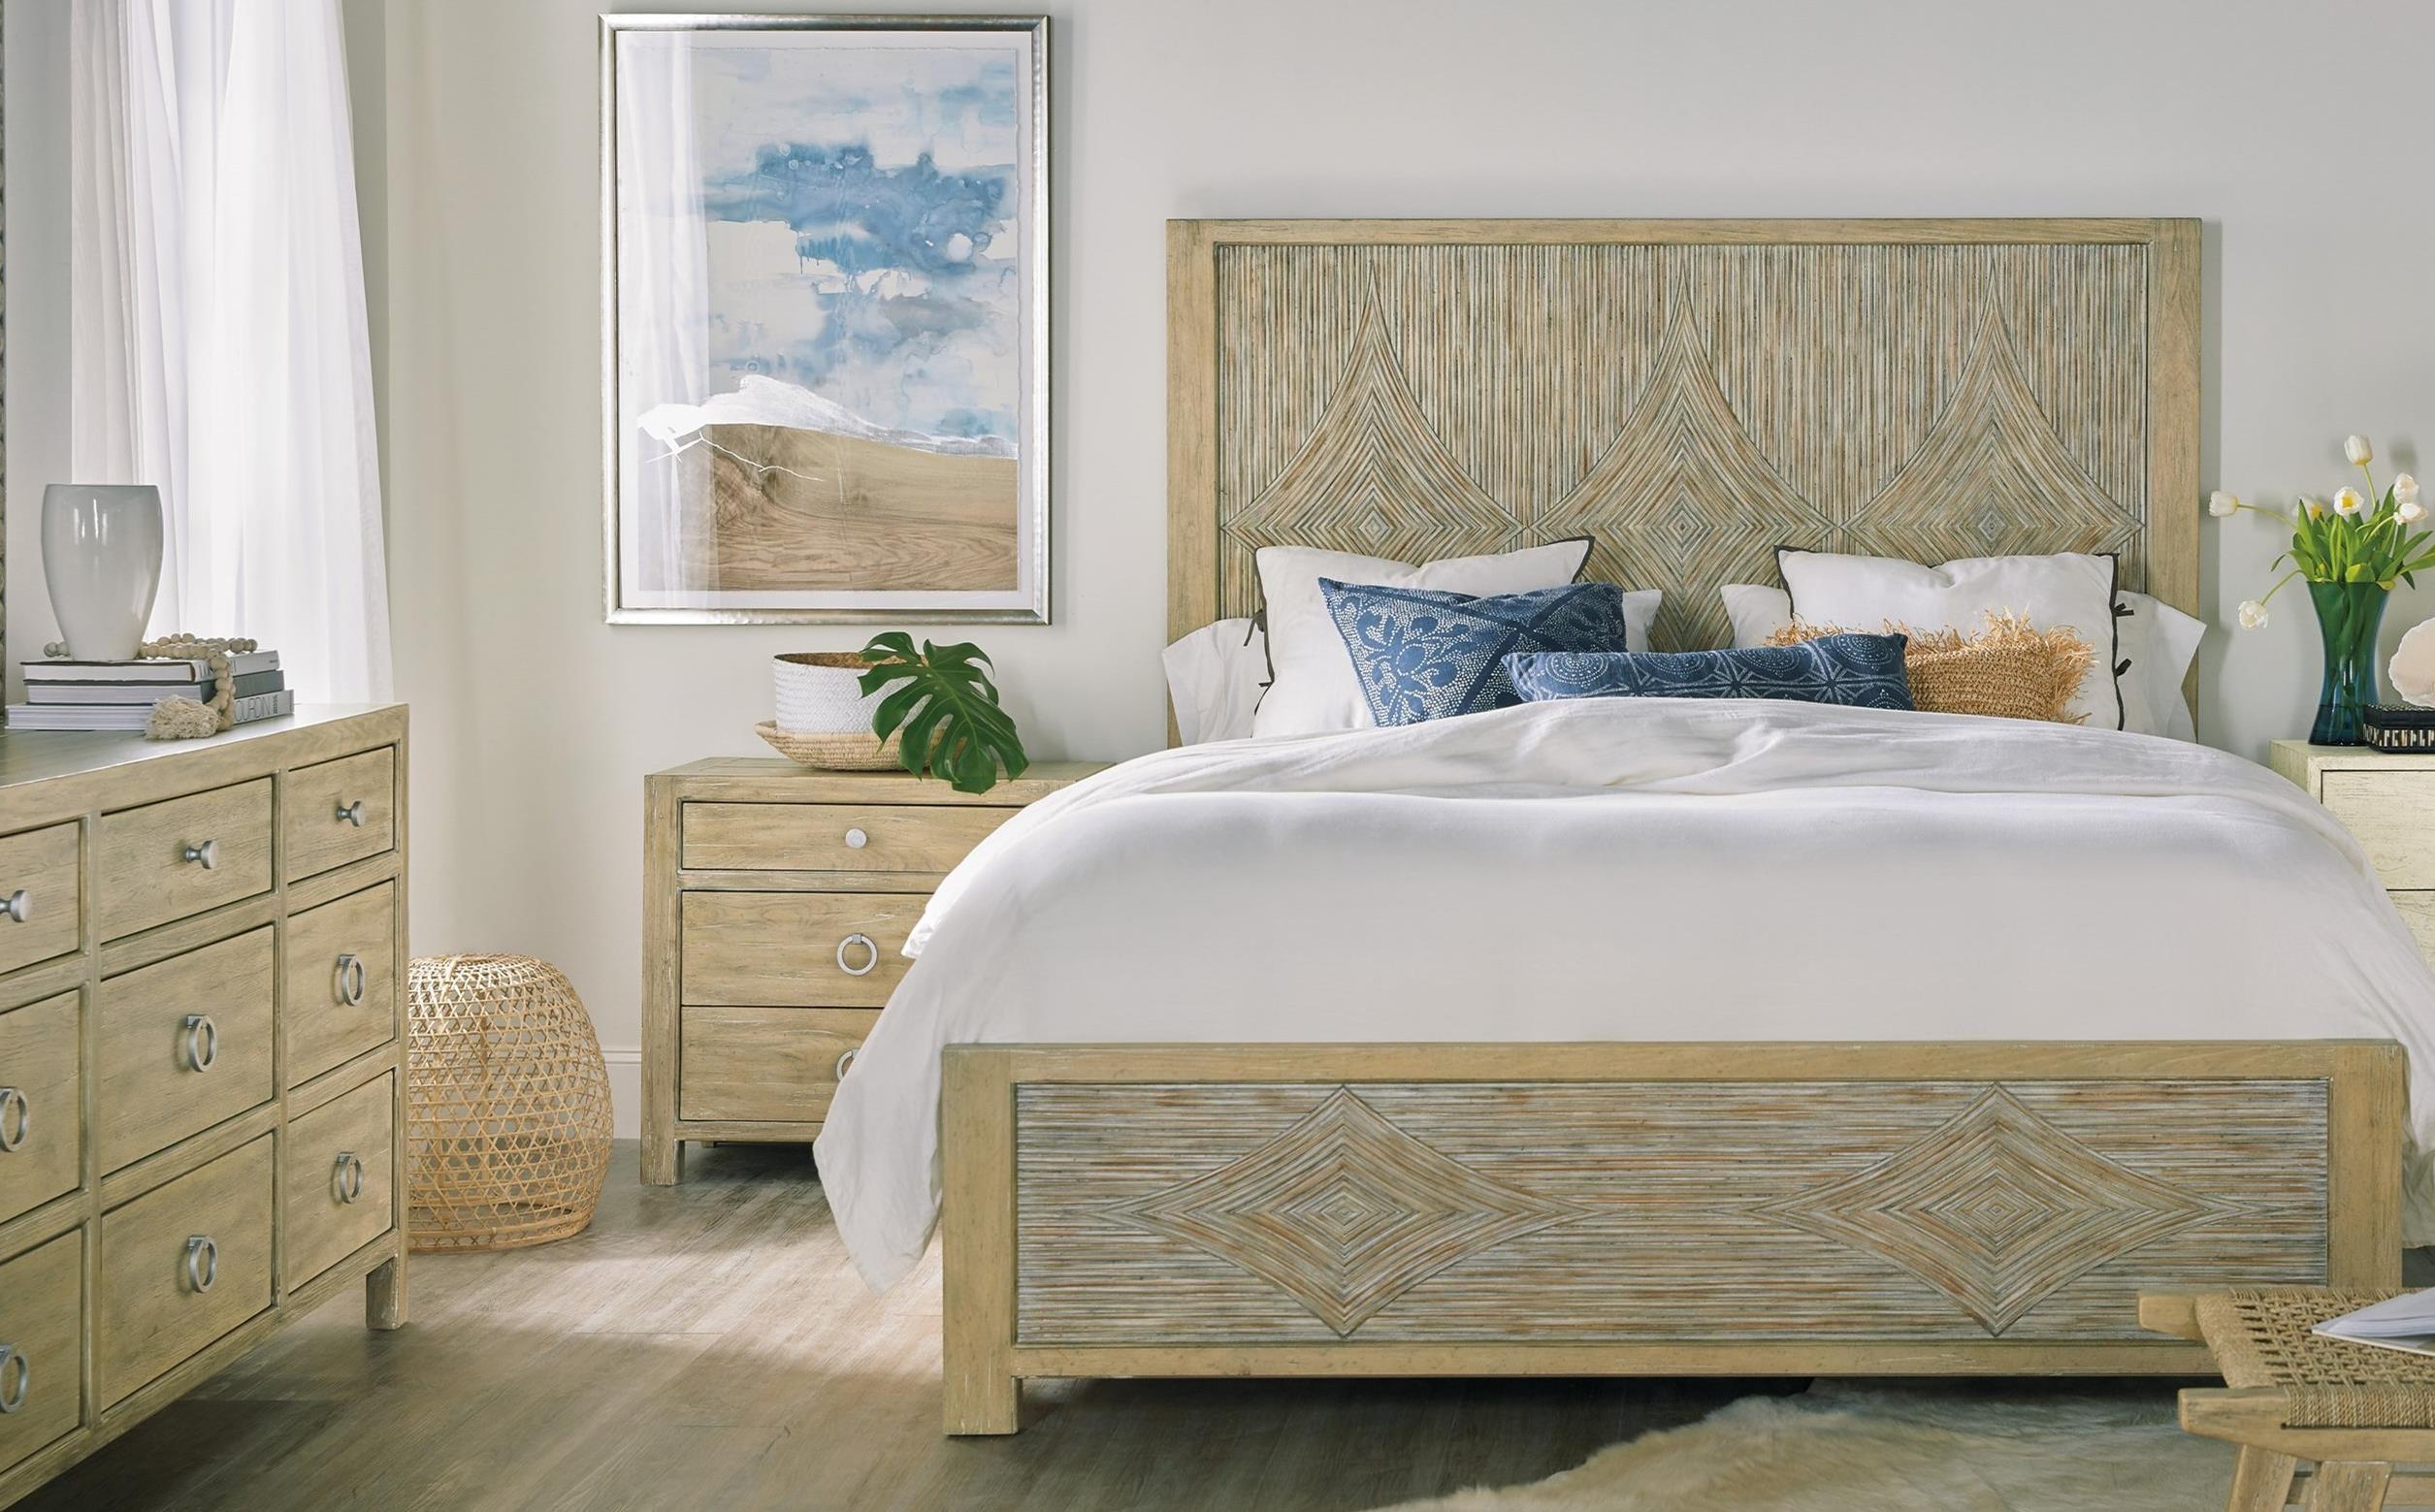 Surfrider Queen Bedroom Group by Hooker Furniture at Baer's Furniture